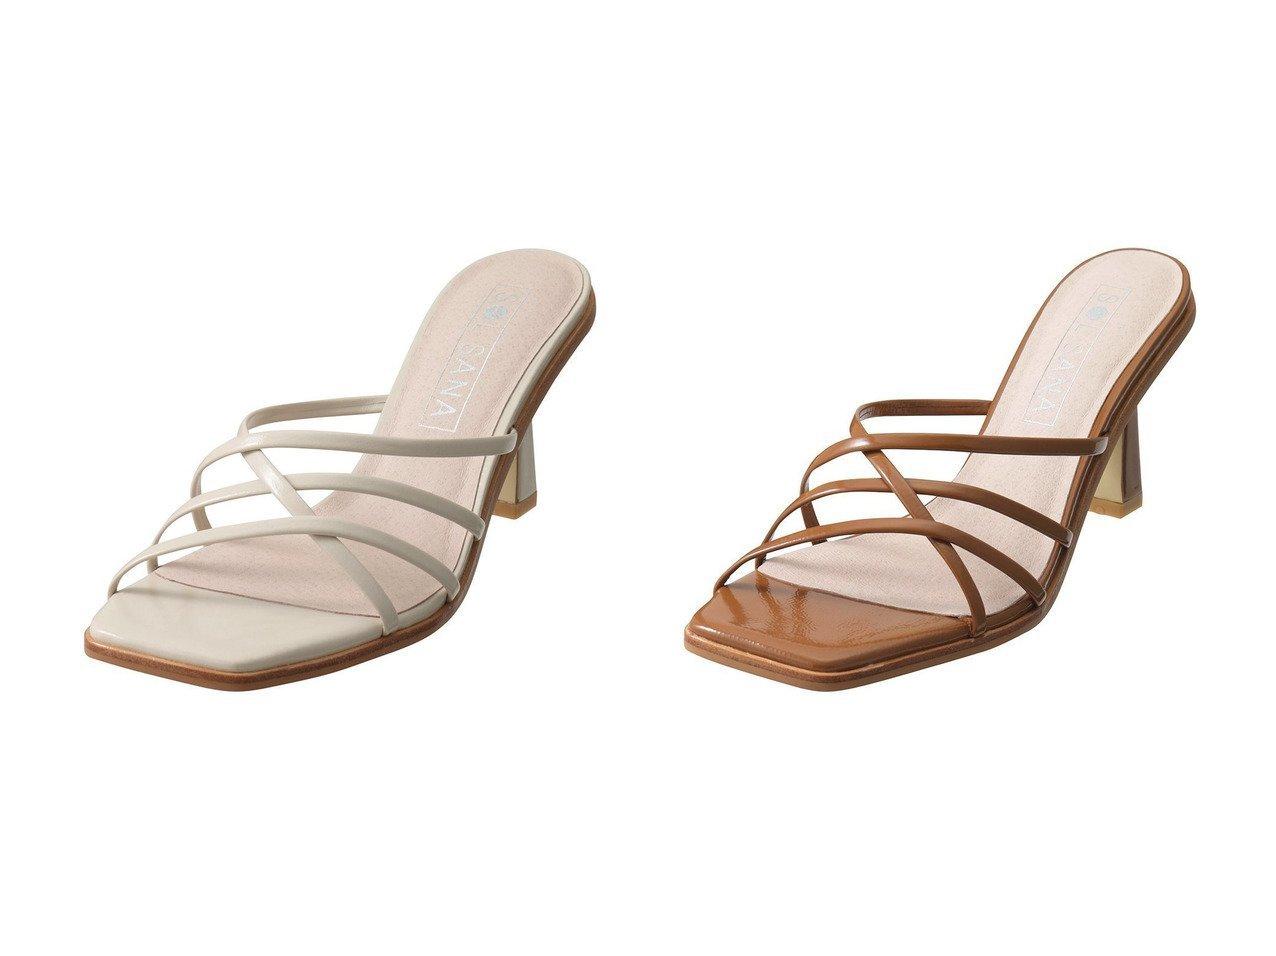 【JET/ジェット】の【JET LOSANGELES】【SOL SANA】Elora Muleサンダル 【シューズ・靴】おすすめ!人気、トレンド・レディースファッションの通販 おすすめで人気の流行・トレンド、ファッションの通販商品 メンズファッション・キッズファッション・インテリア・家具・レディースファッション・服の通販 founy(ファニー) https://founy.com/ ファッション Fashion レディースファッション WOMEN なめらか サンダル マキシ ラップ |ID:crp329100000039529